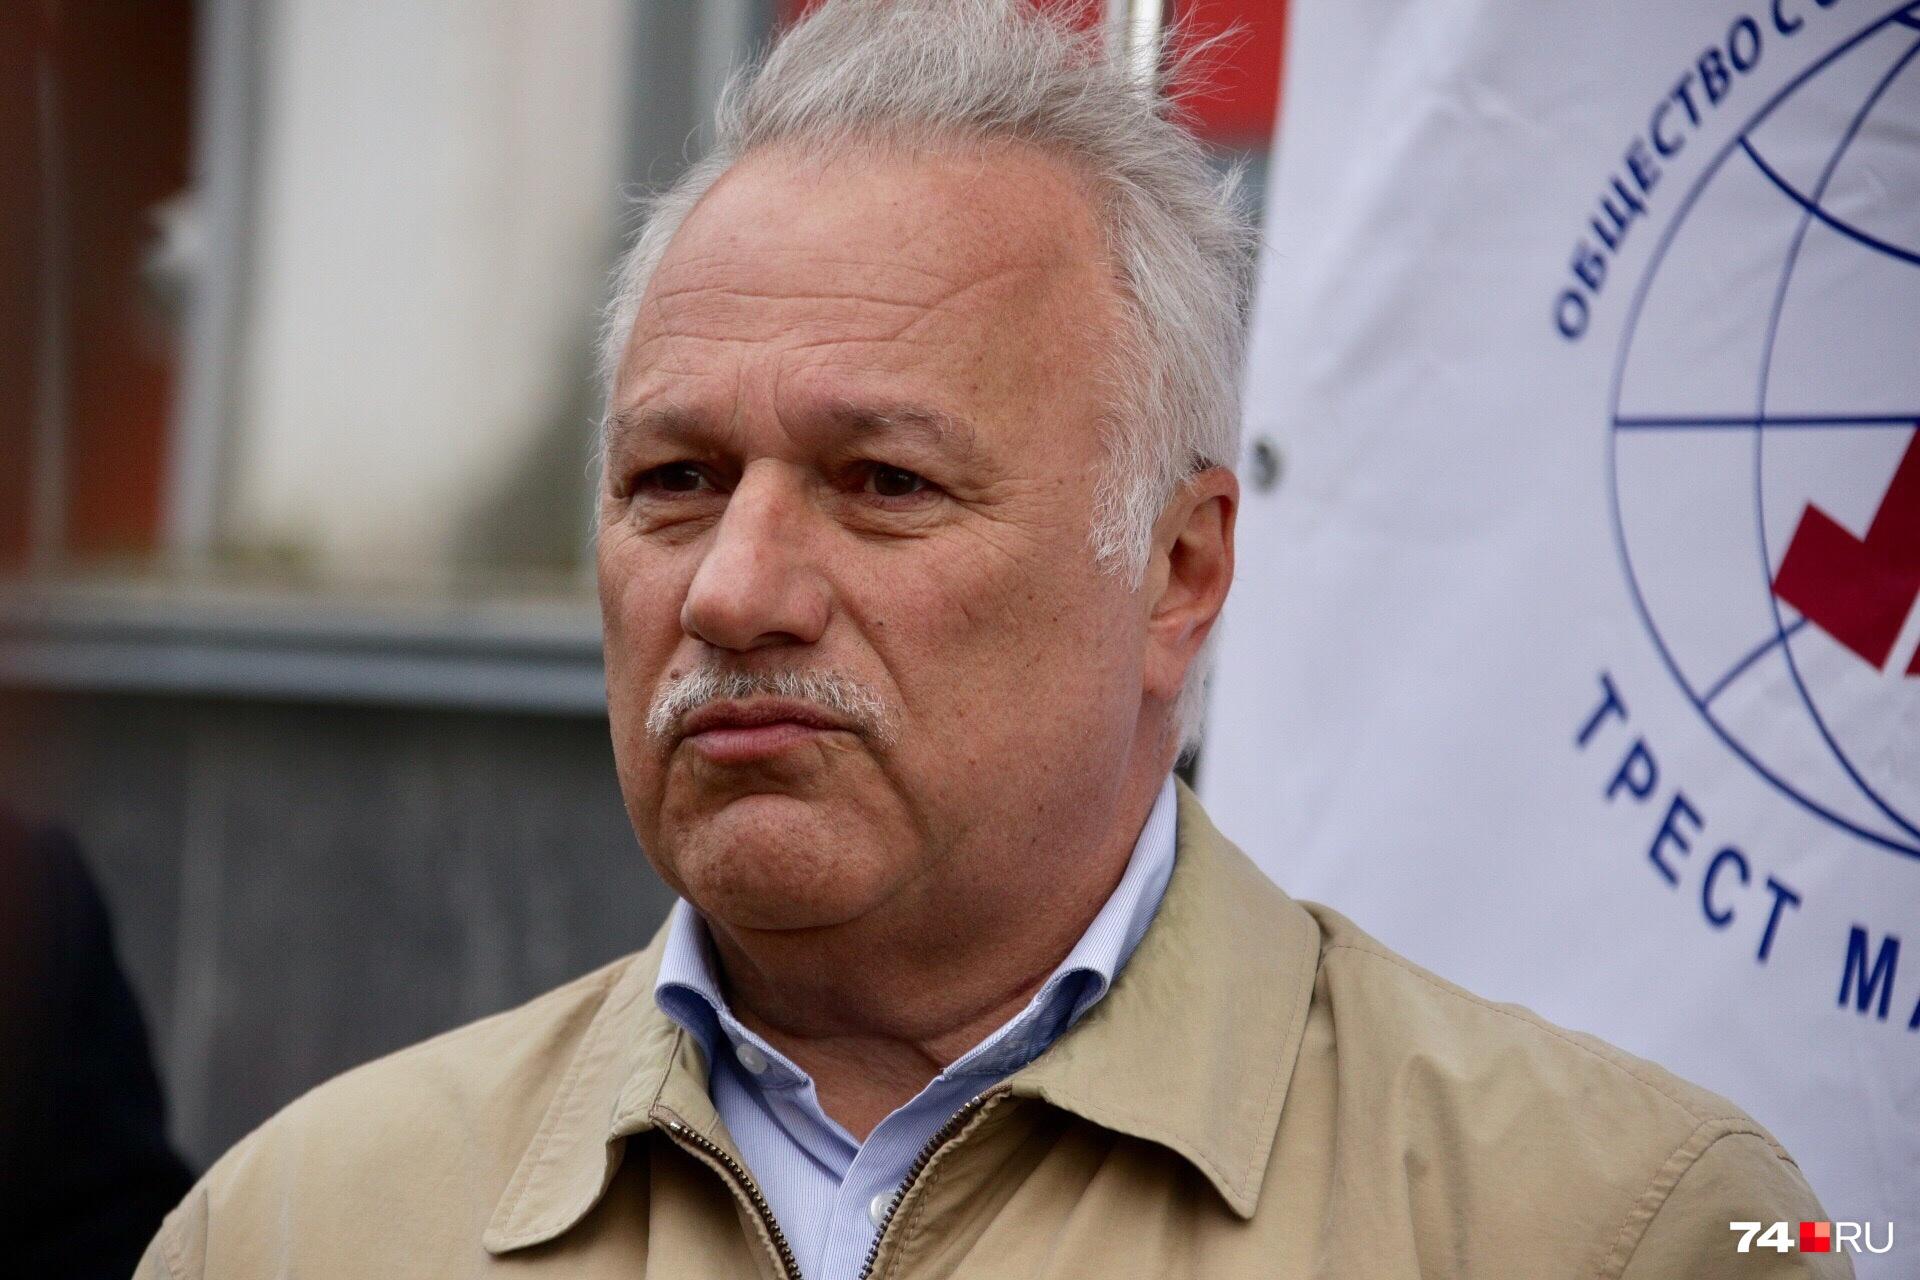 По словам Владимира Алейникова, на строительство пешеходной зоны потребуется 100 миллионов рублей